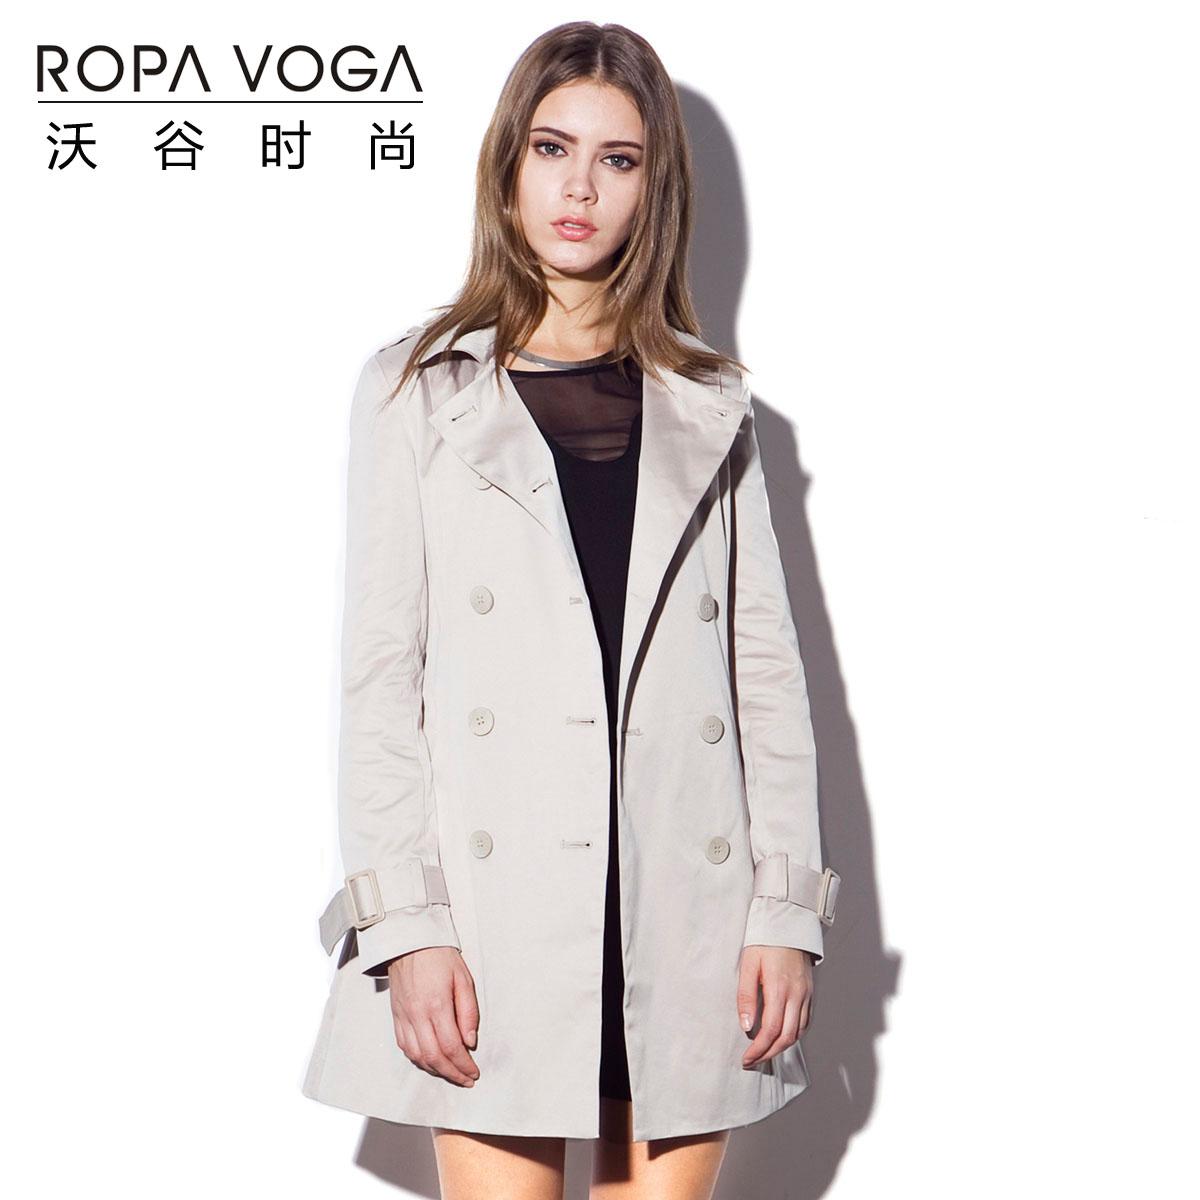 沃谷2014春装新品斗篷披肩领时尚修身双排扣中长风衣 大衣外套商品图片